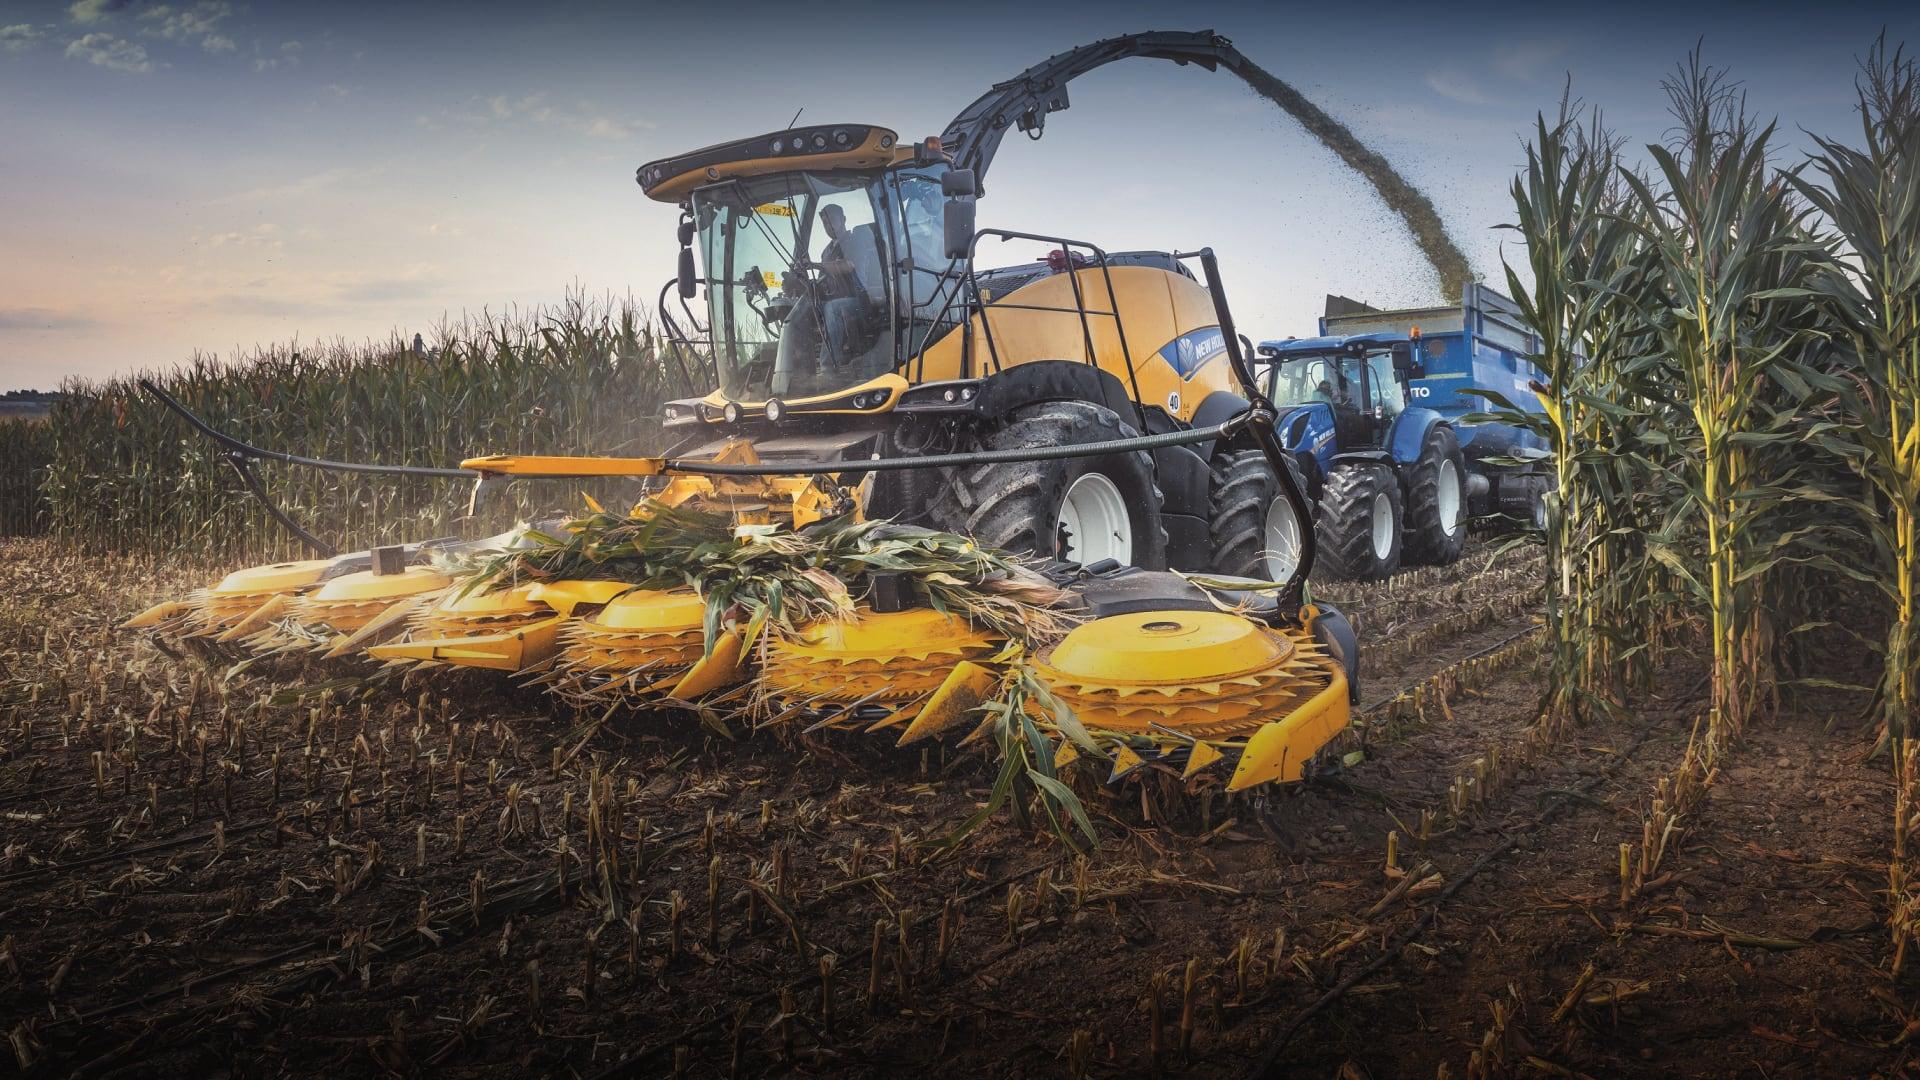 Отзывы сельхозпроизводителей о кормоуборочных комбайнах серии New HollandFR